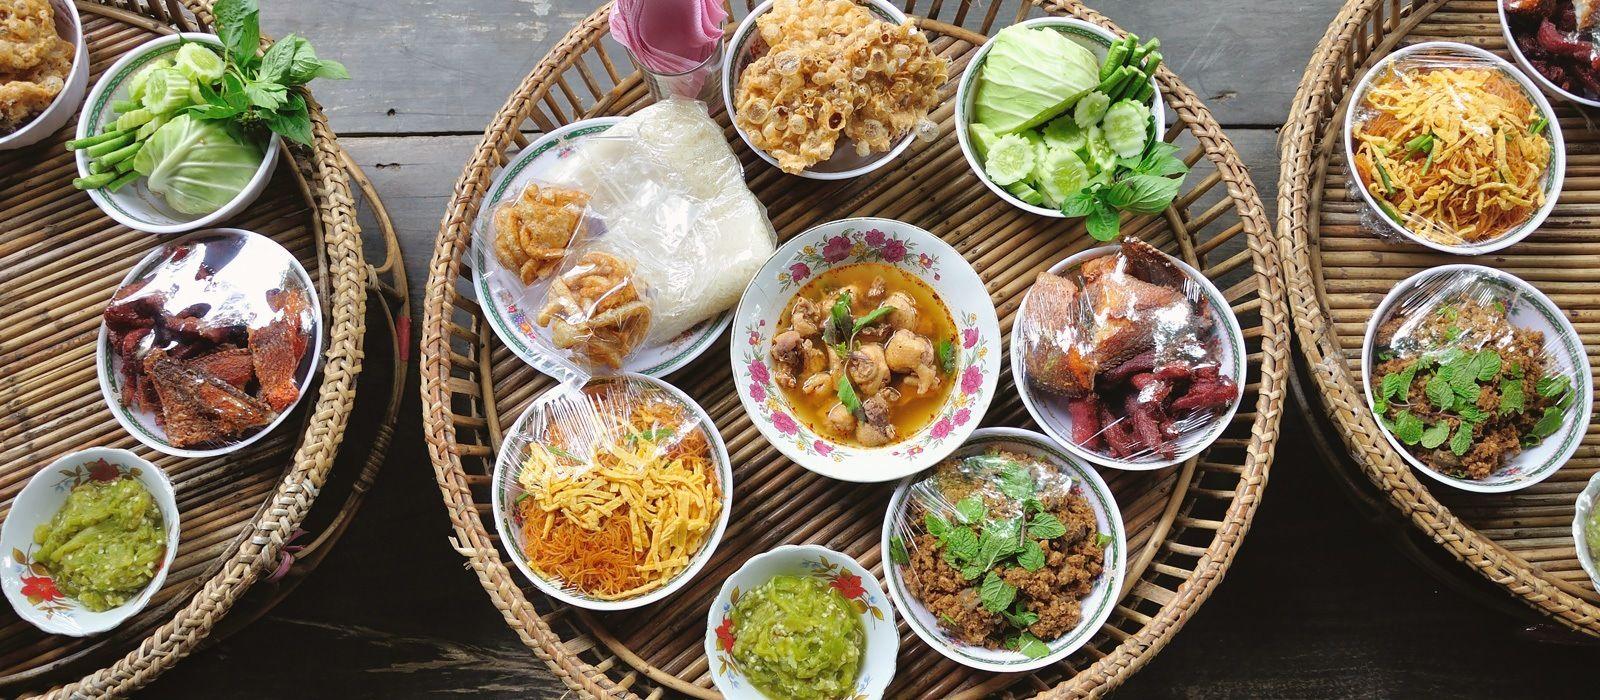 Staunen, Shoppen & Sonnen in Thailand Urlaub 5